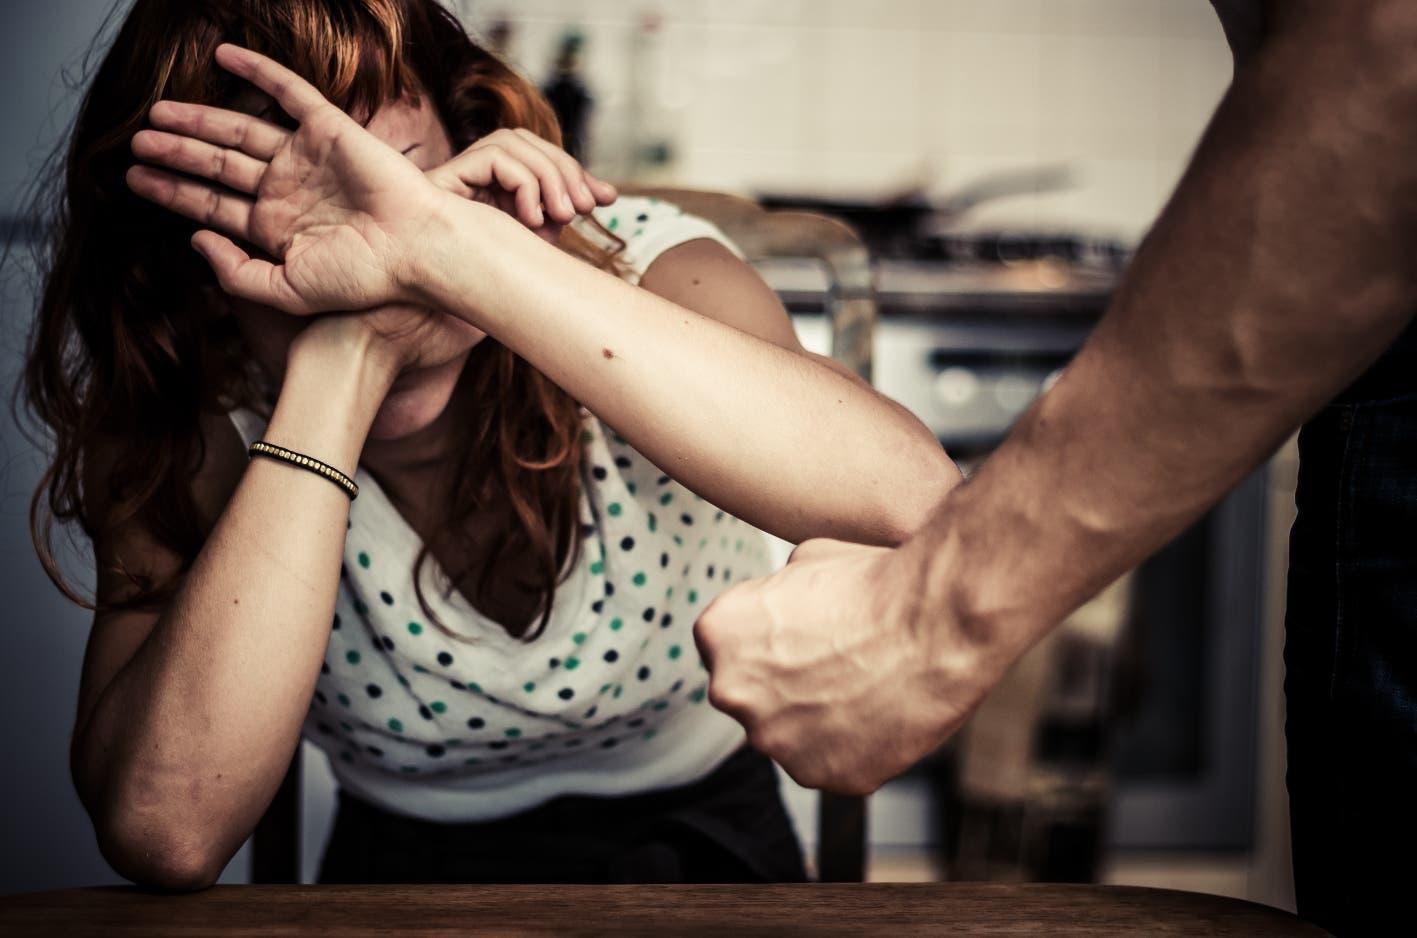 Una mujer pide ayuda para volver a escuchar